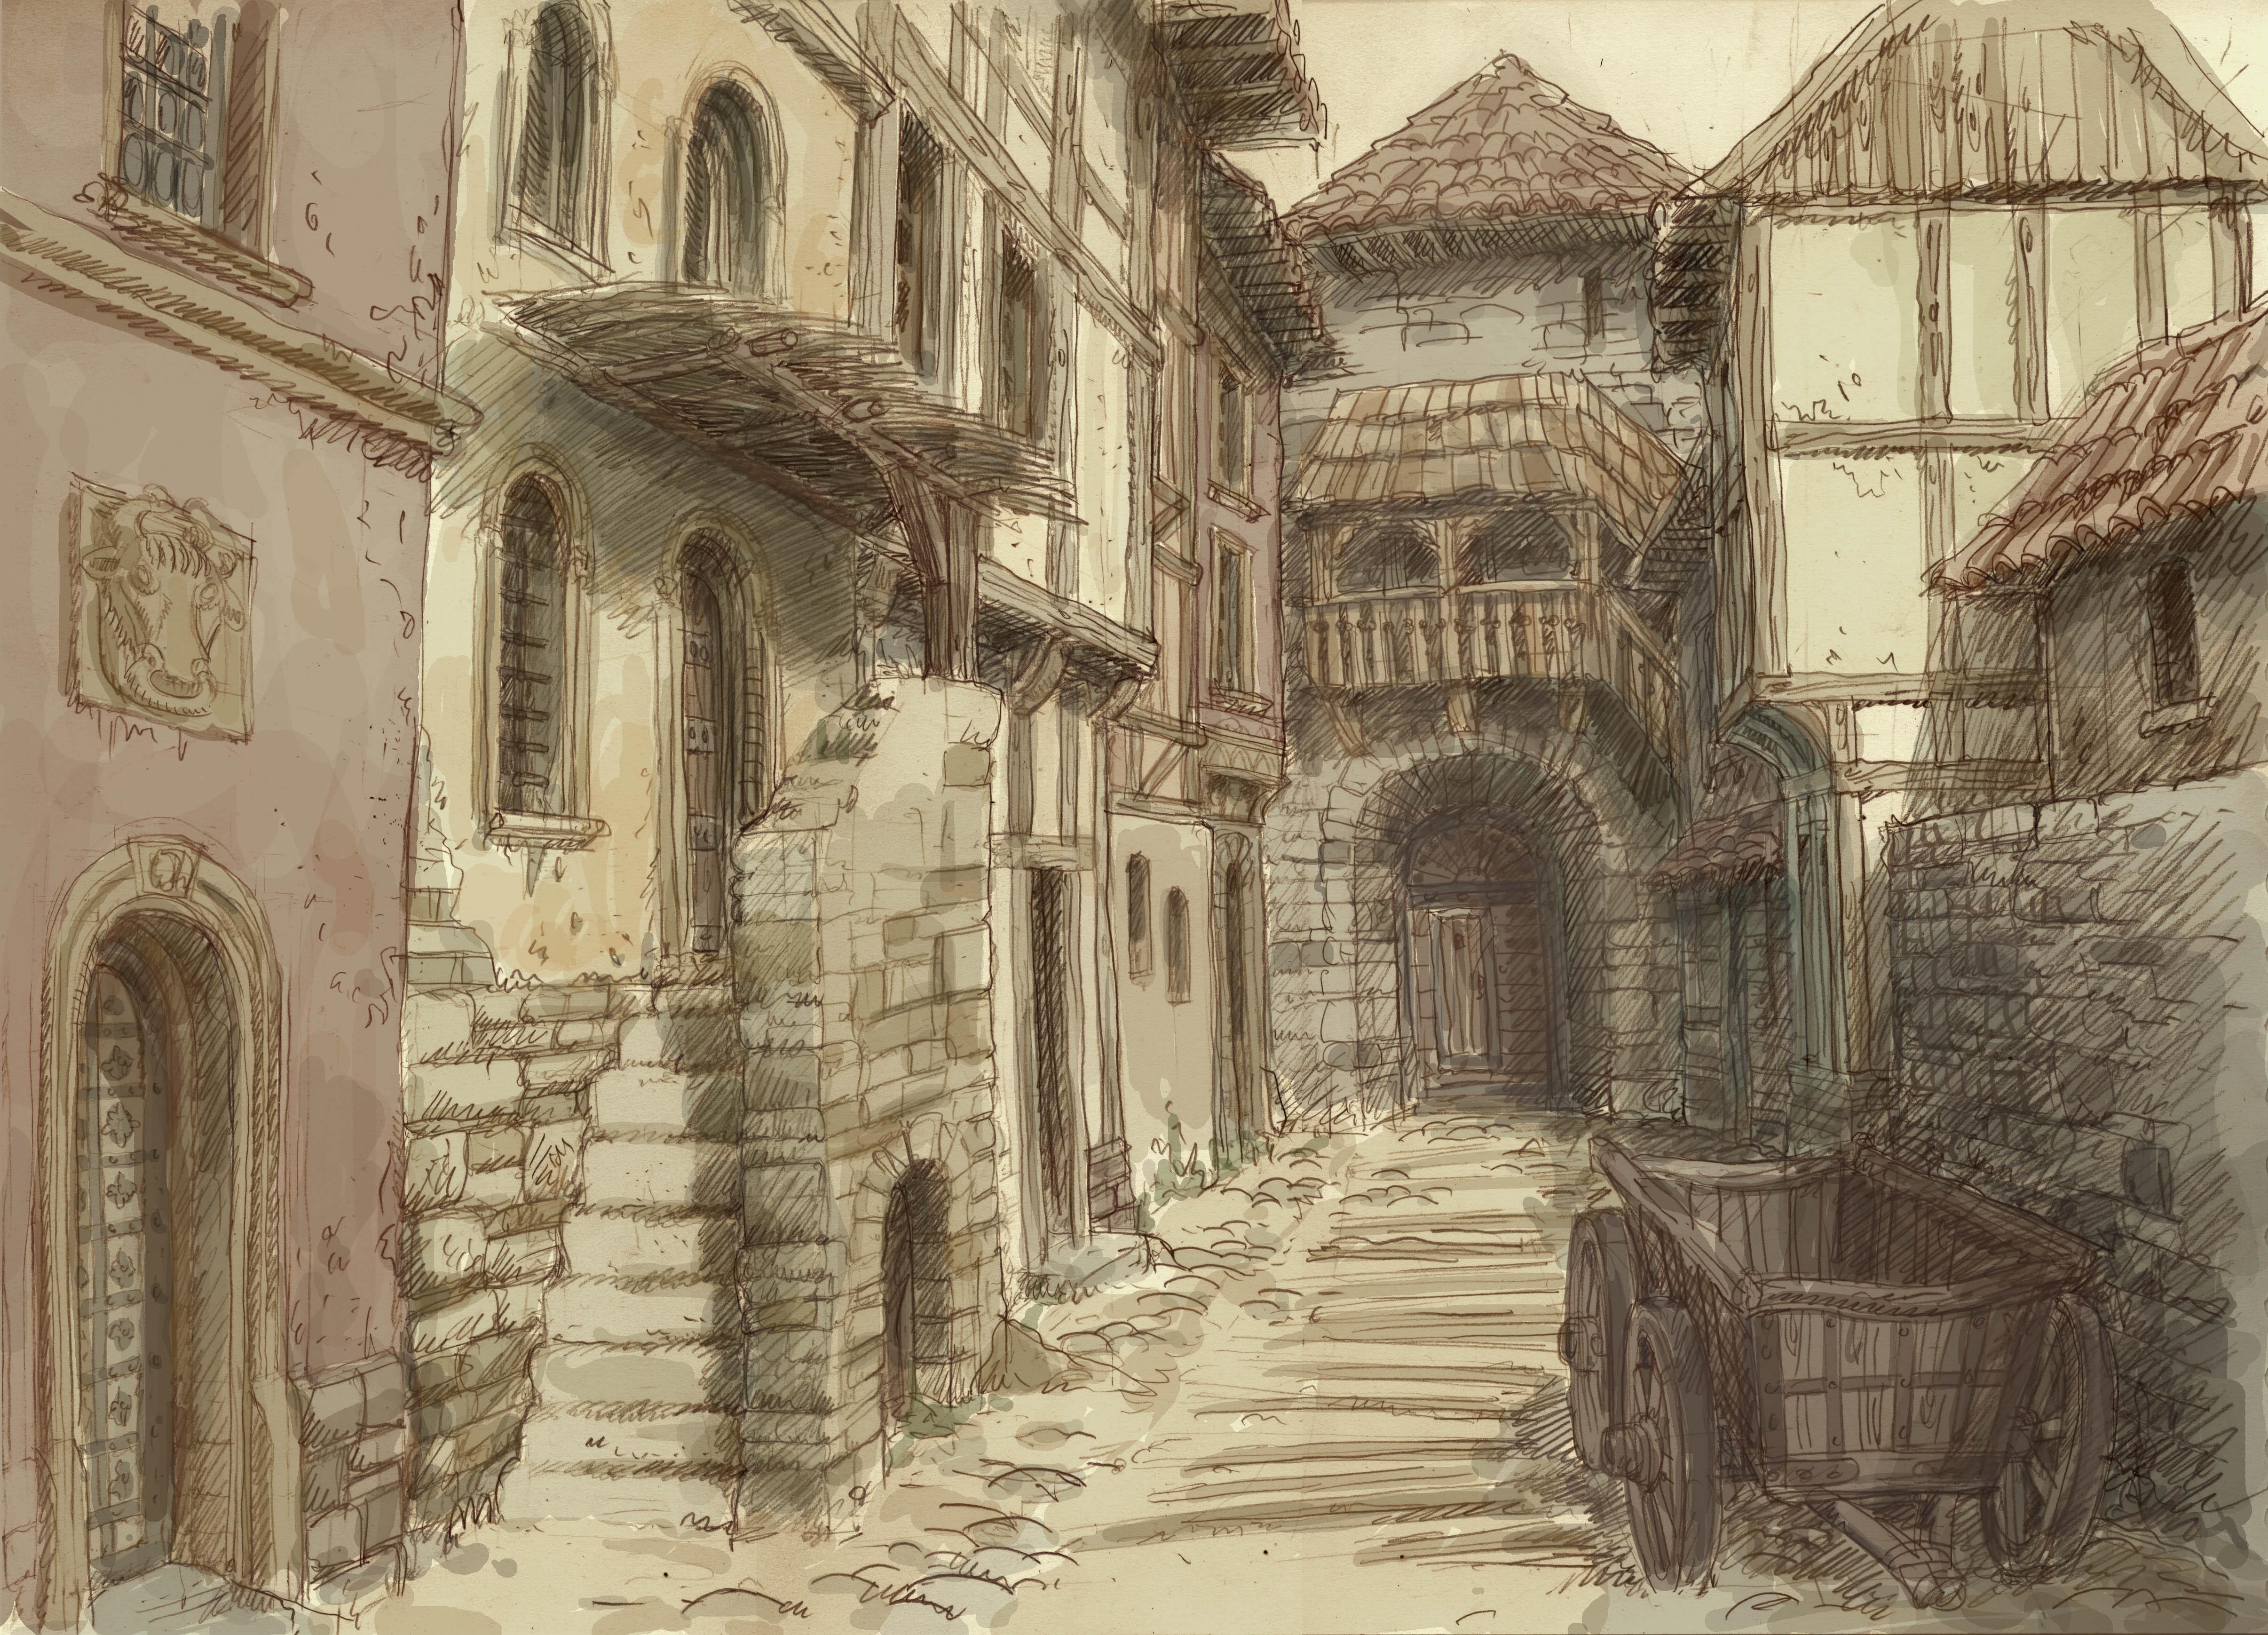 medieval_town_3_by_hetman80-d4m1hk9.jpg